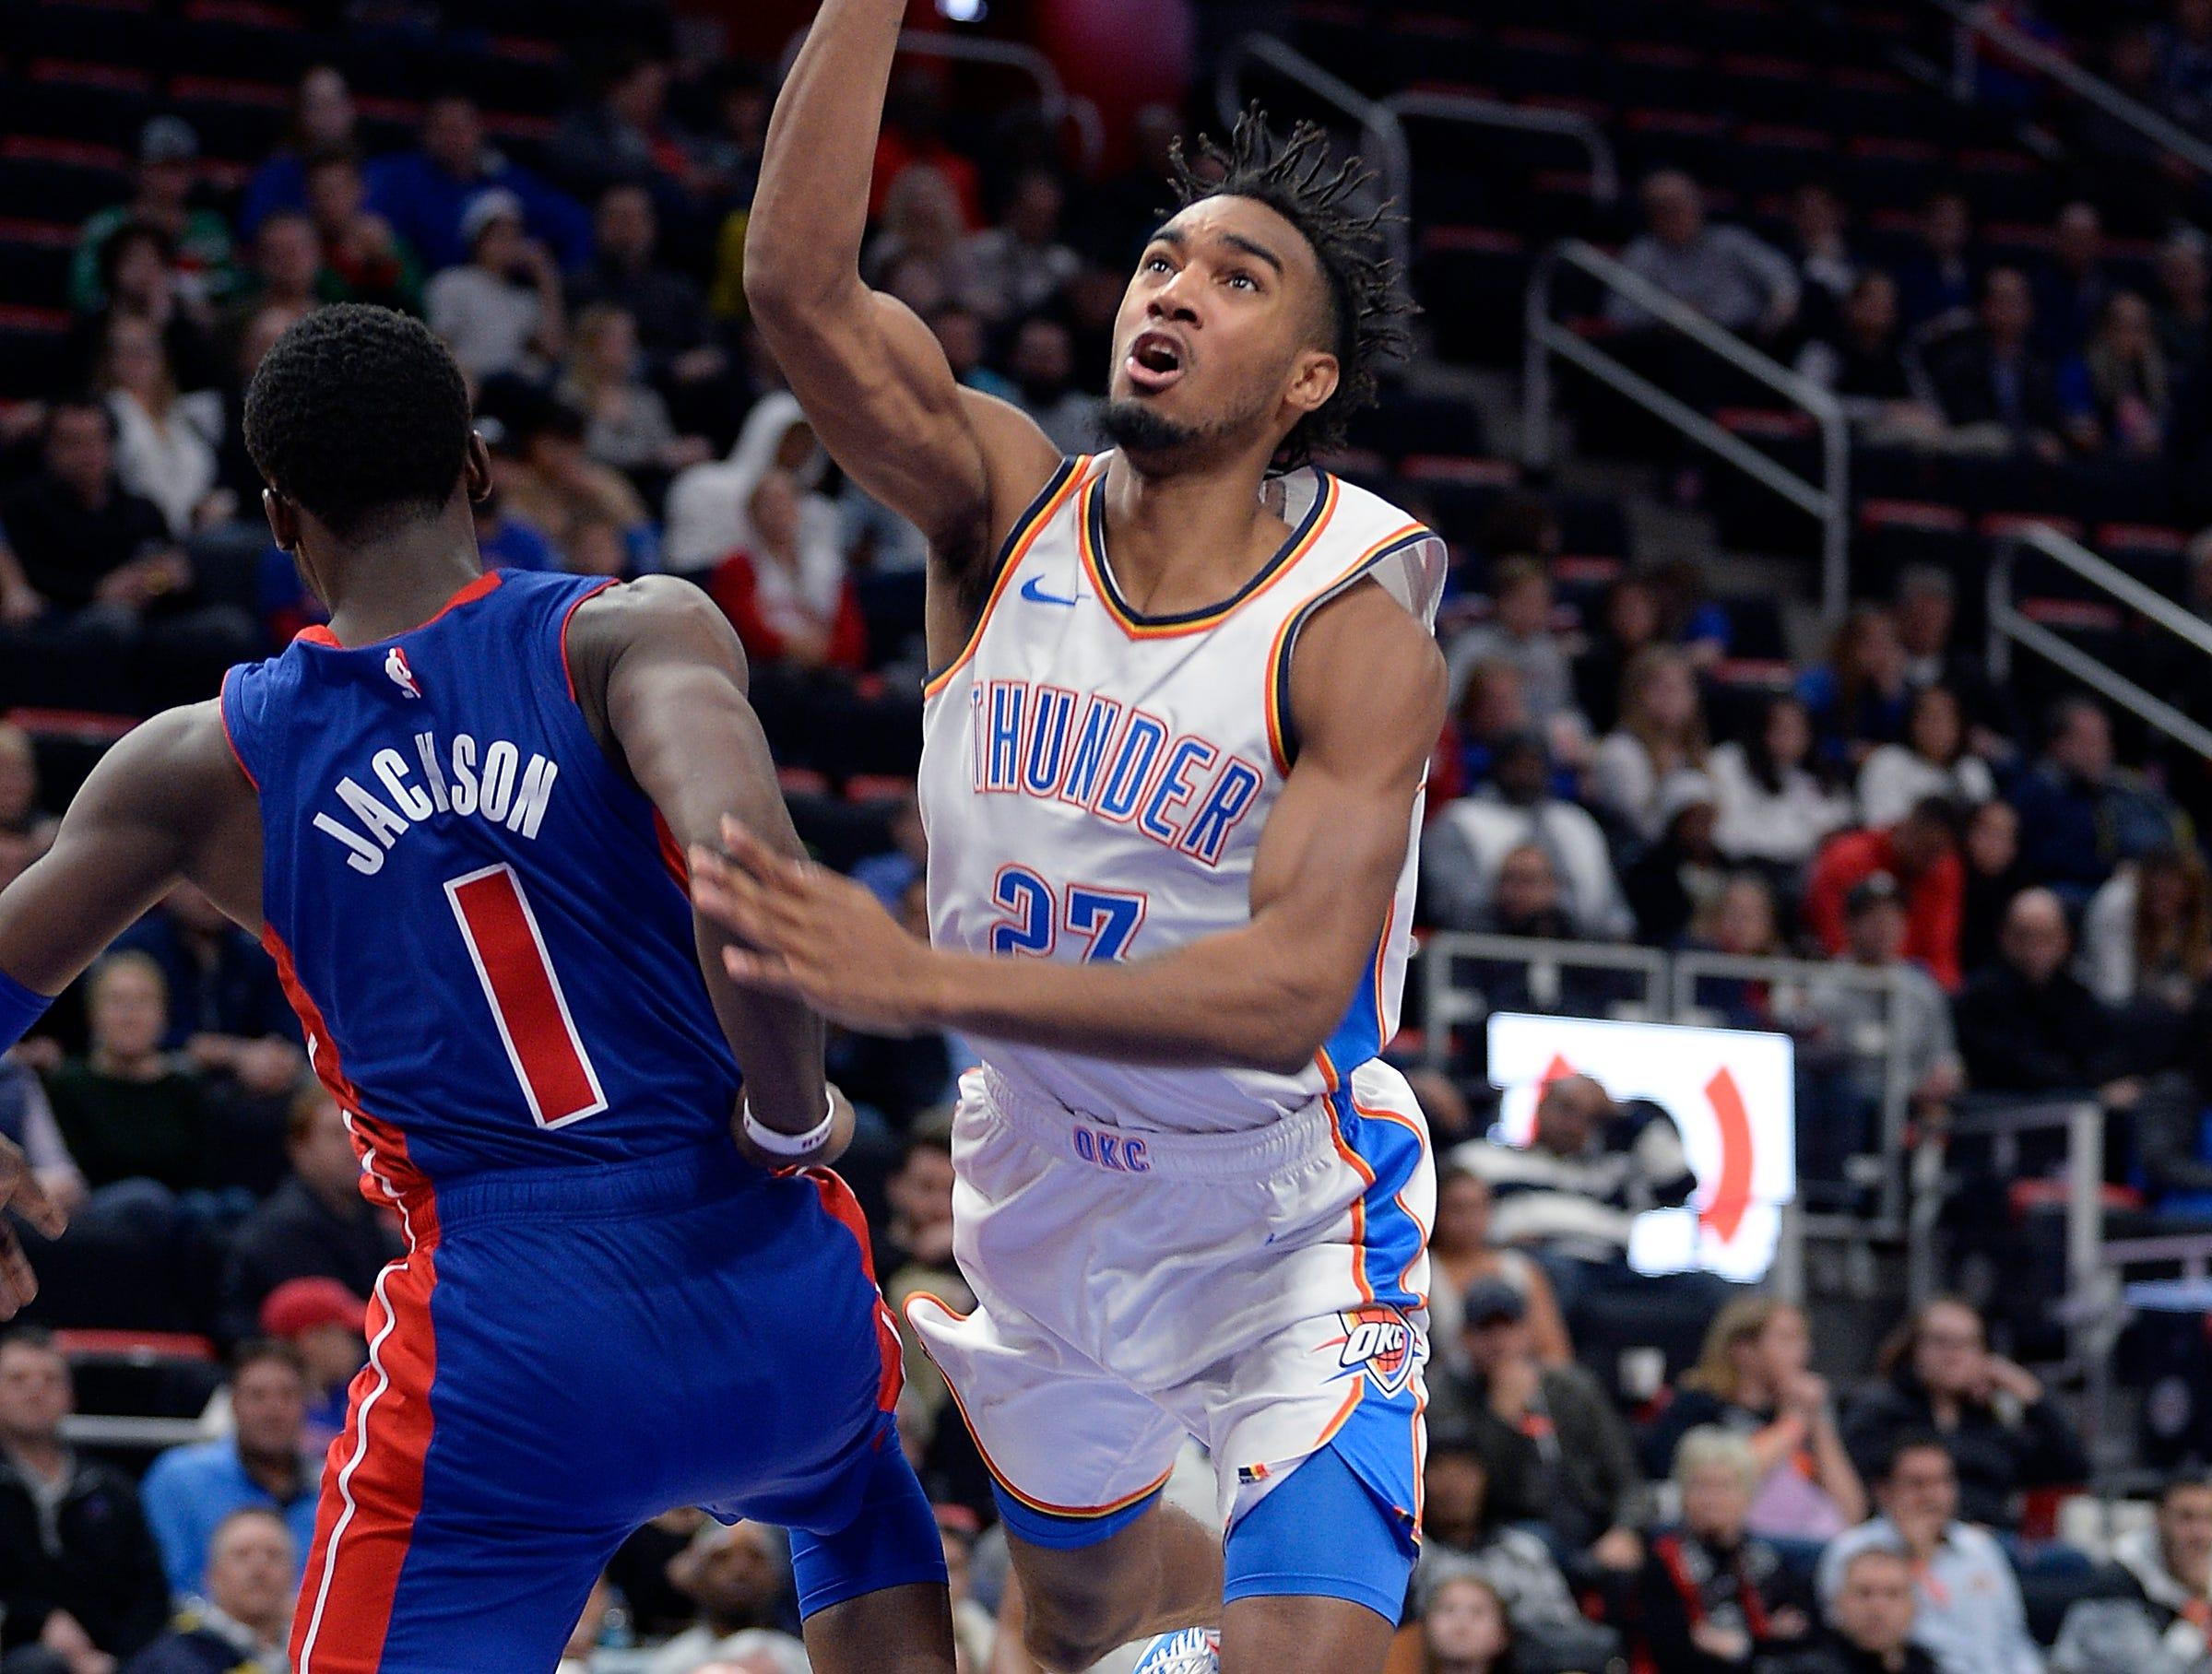 Thunder's Terrance Ferguson scores over Pistons' Reggie Jackson in the fourth quarter.